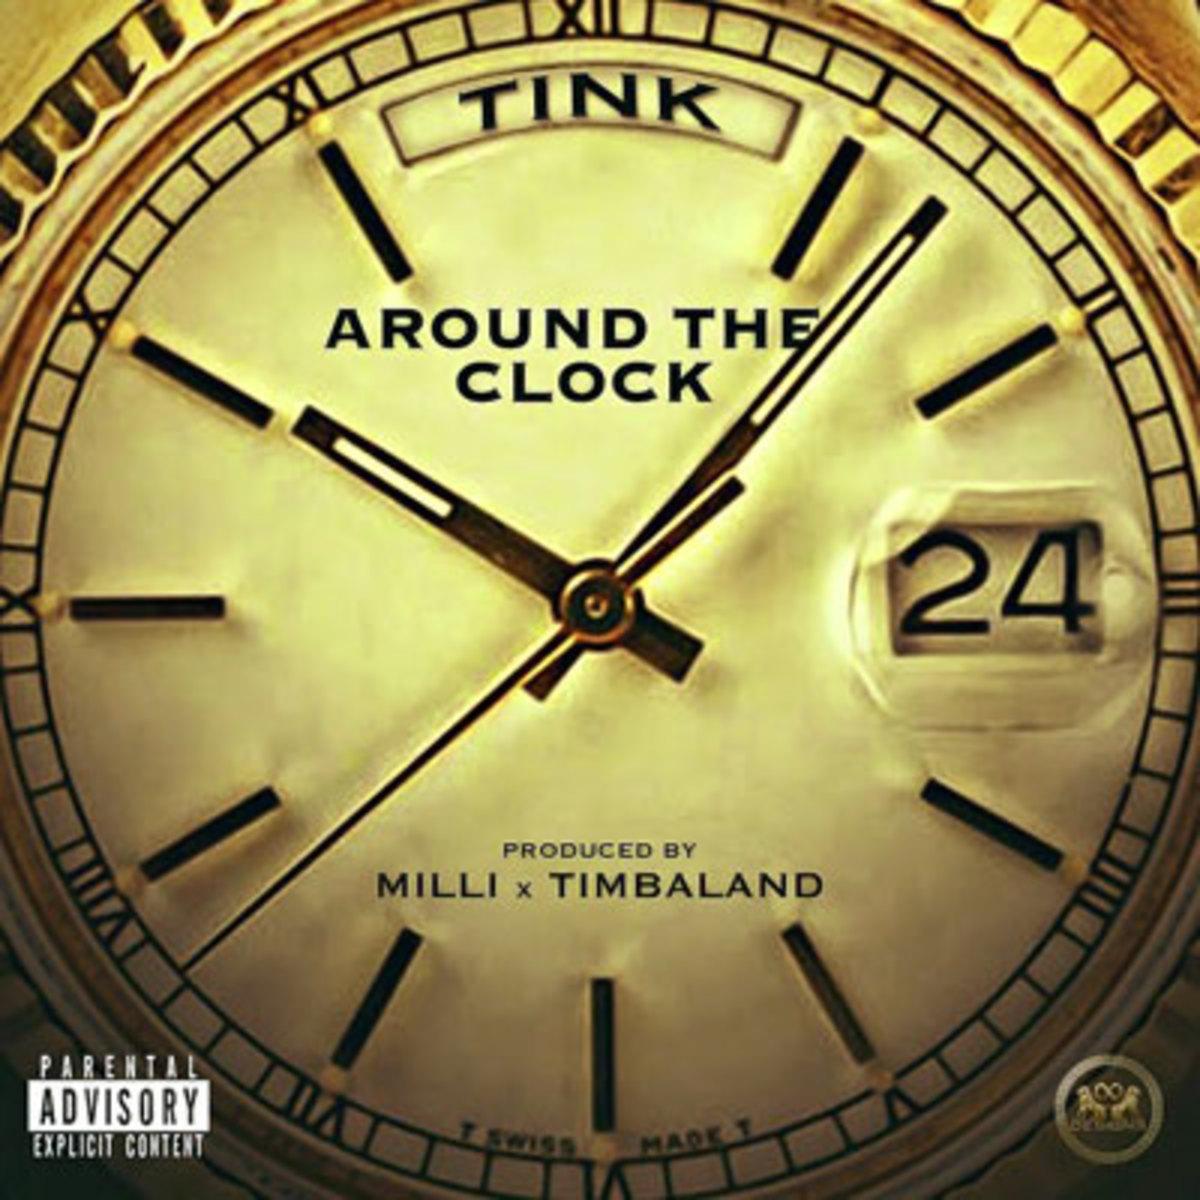 tink-aroundtheclock.jpg